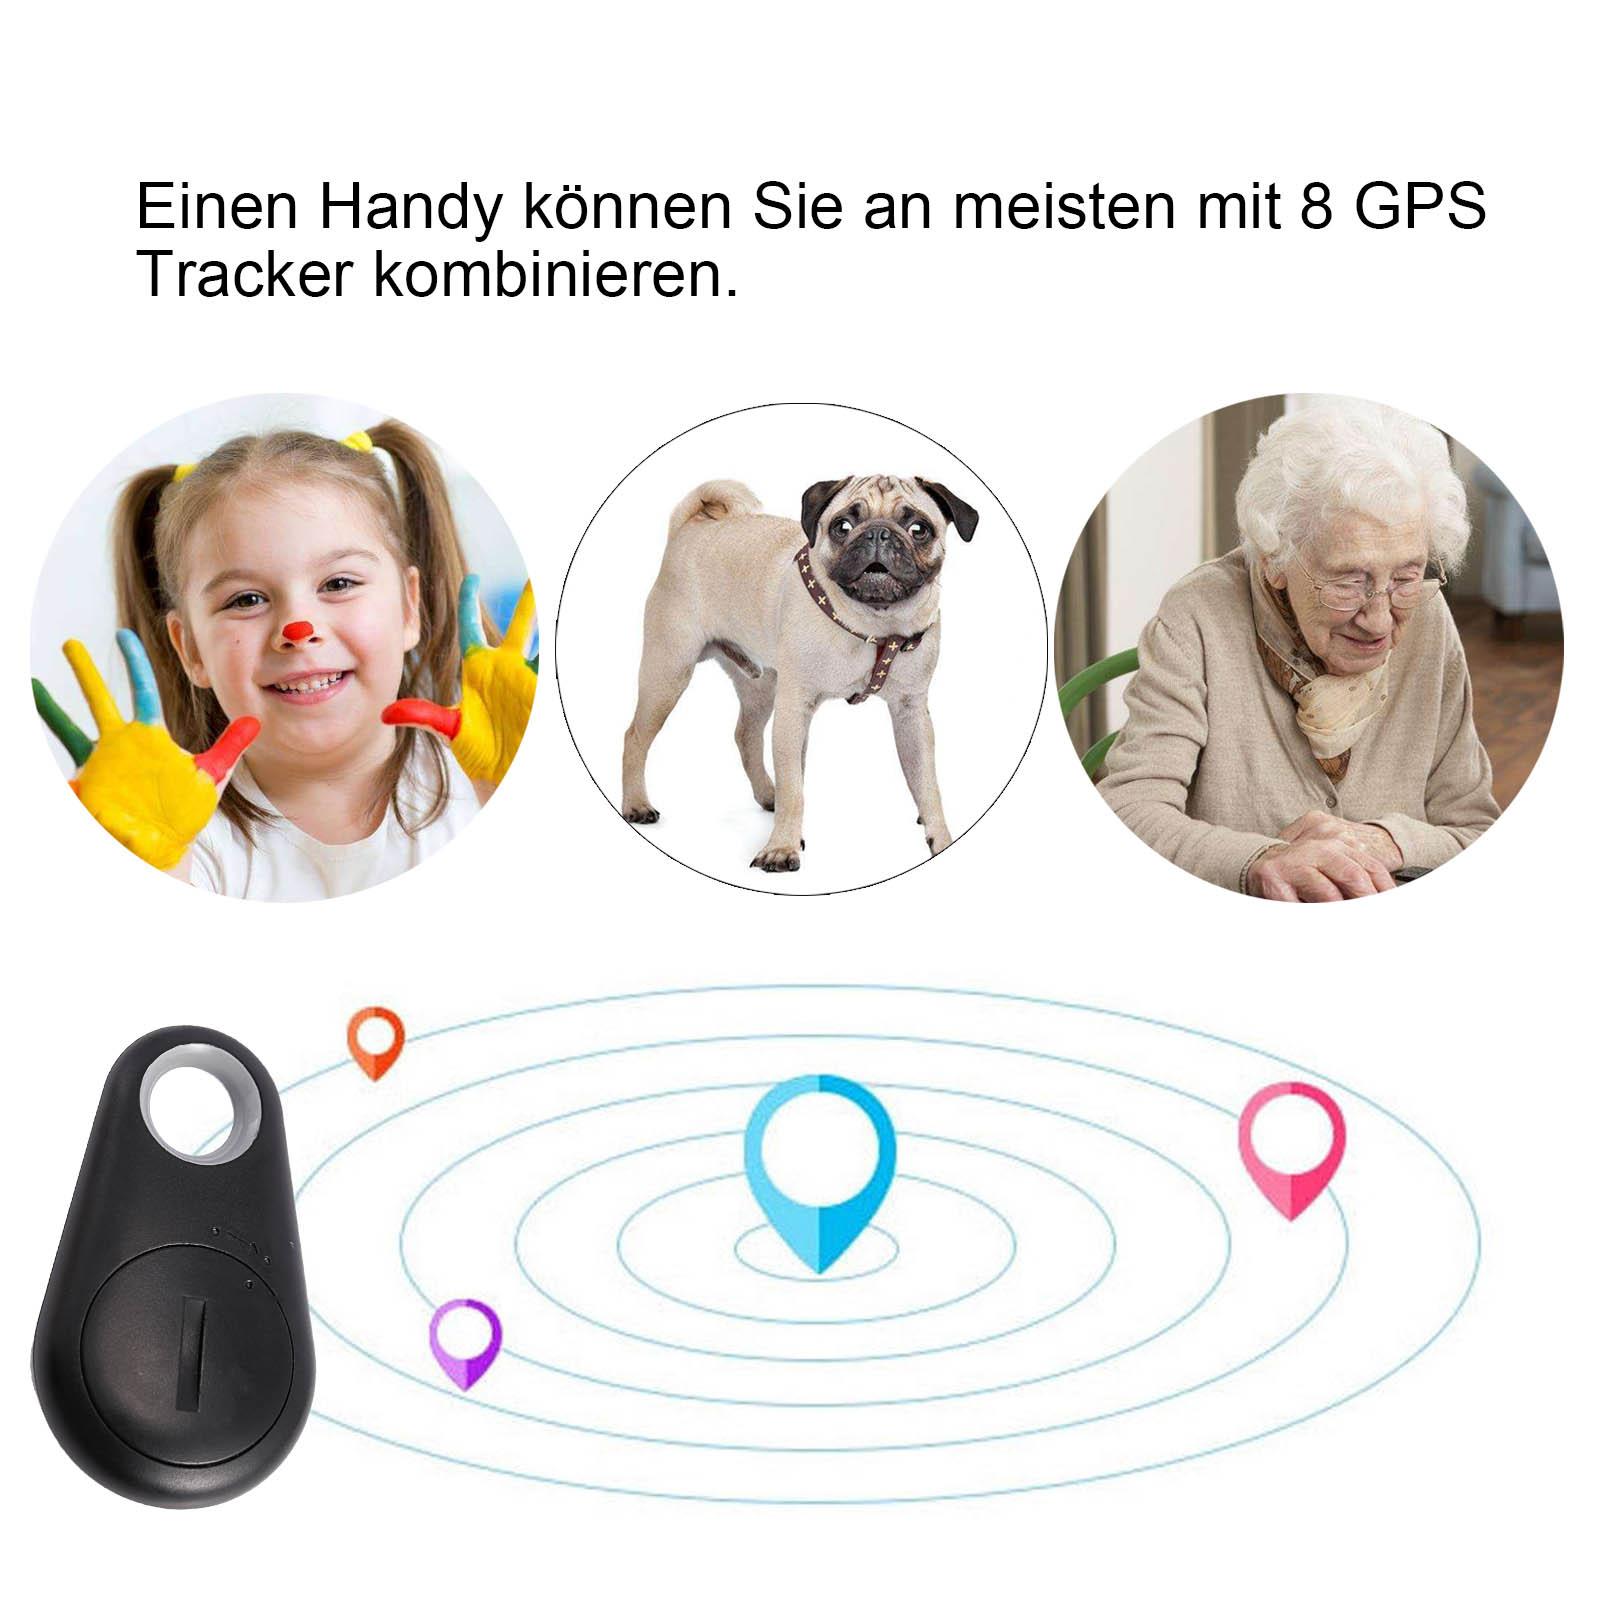 mini gps tracker f r kinder schl ssel wagen peilsender. Black Bedroom Furniture Sets. Home Design Ideas